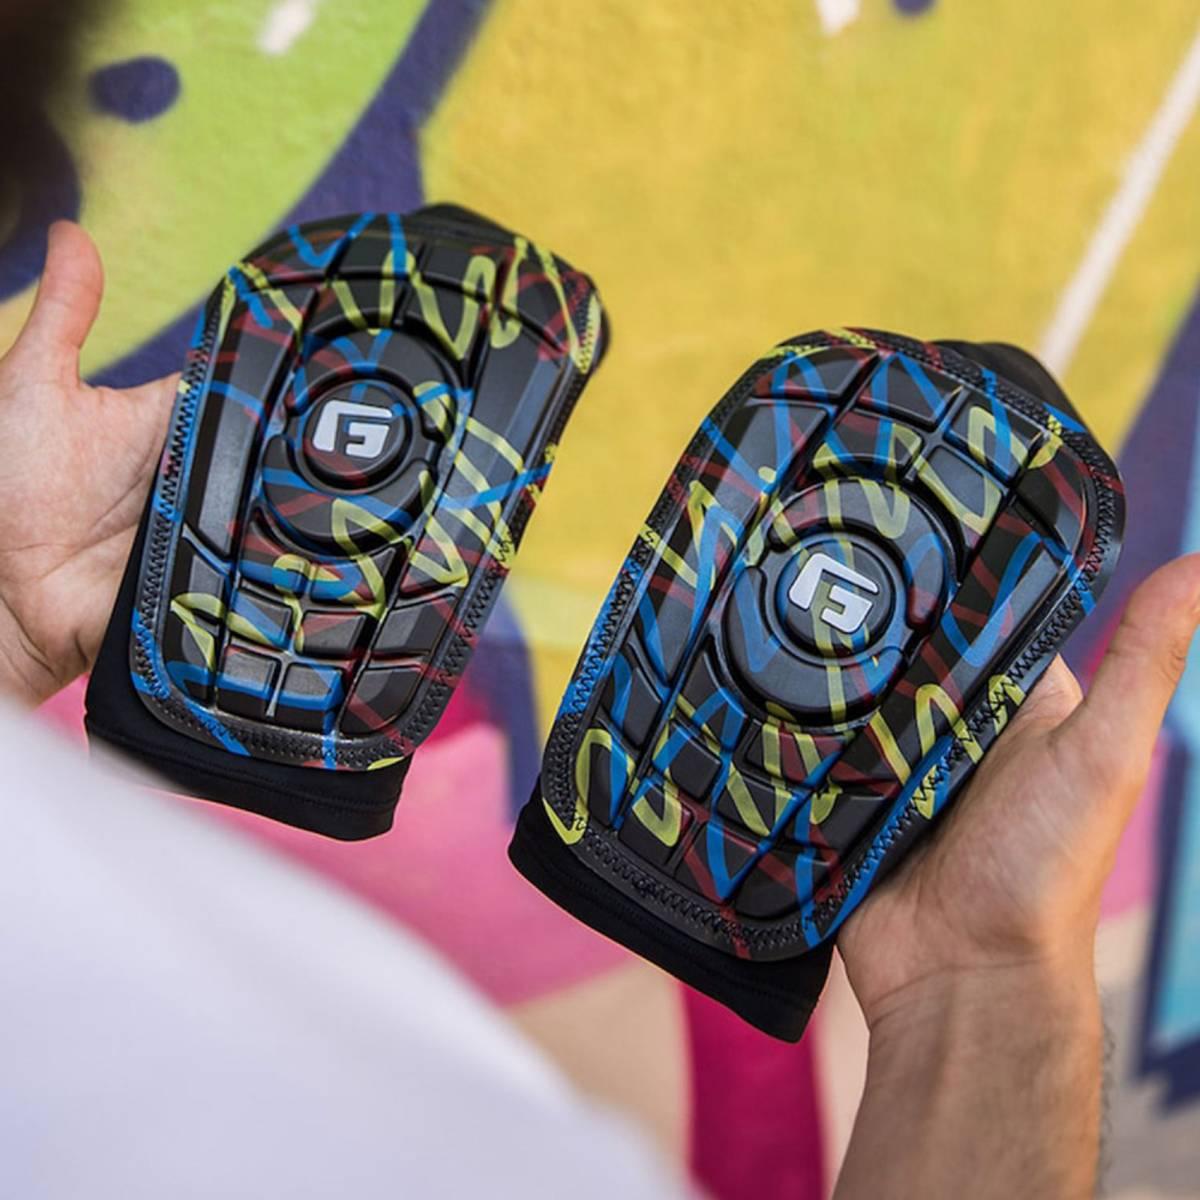 G-Form Pro-S Compact Graffitileggskinn